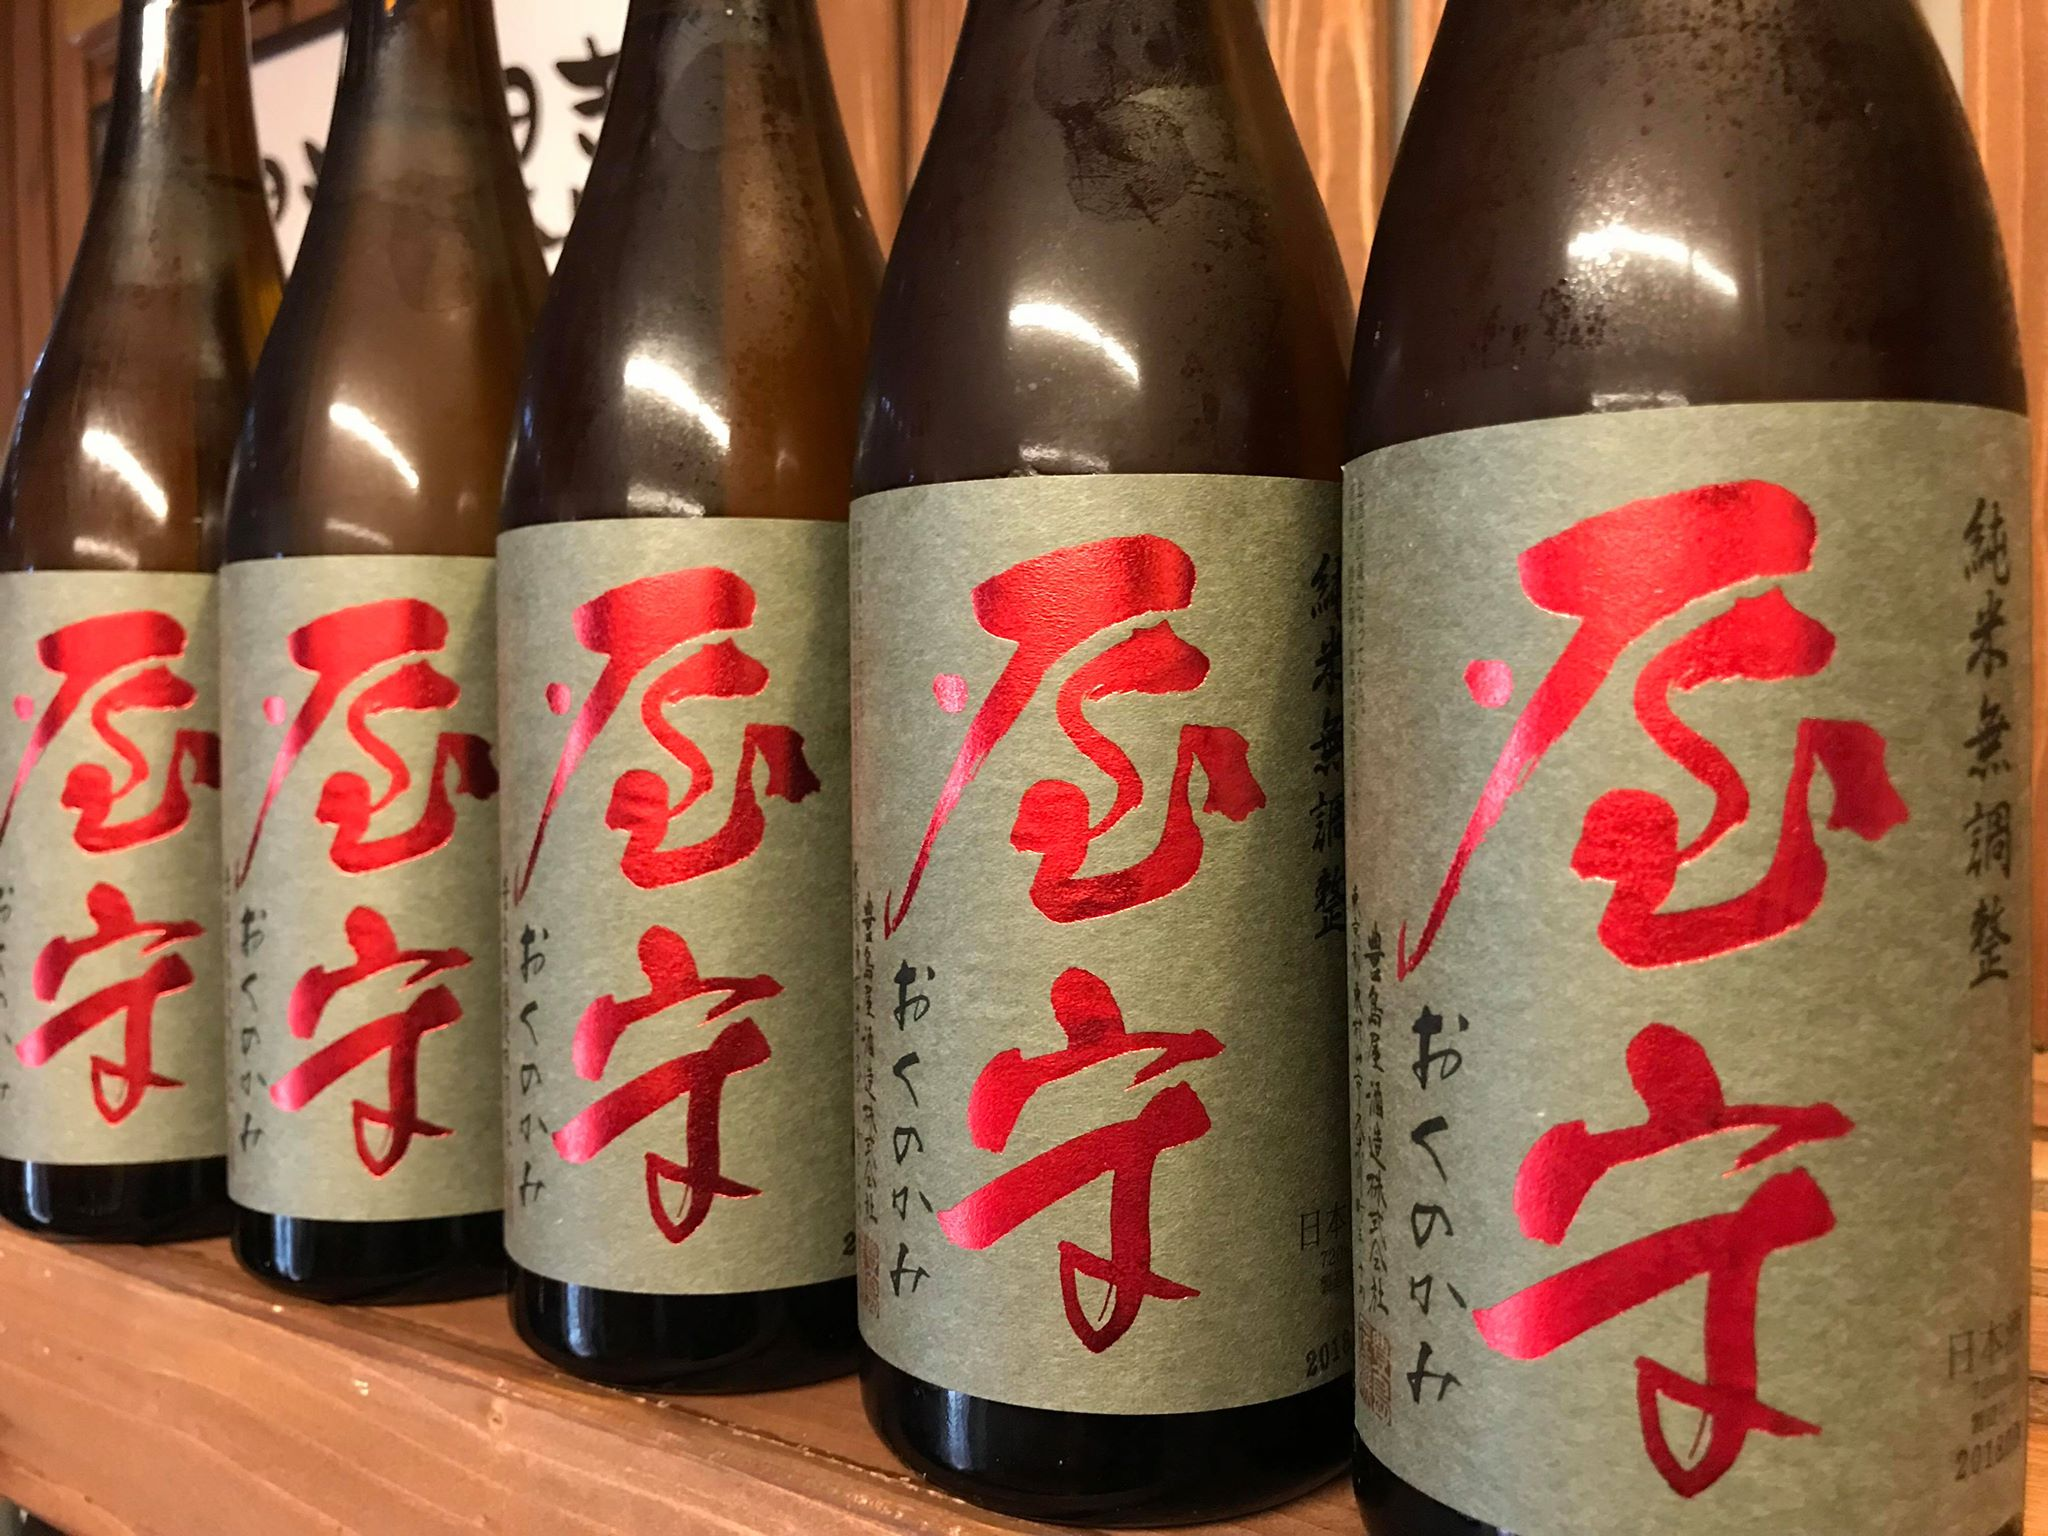 【日本酒】屋守 純米 無調整生詰 八反錦 蔵元低温熟成ver 限定 29BY_e0173738_22205240.jpg